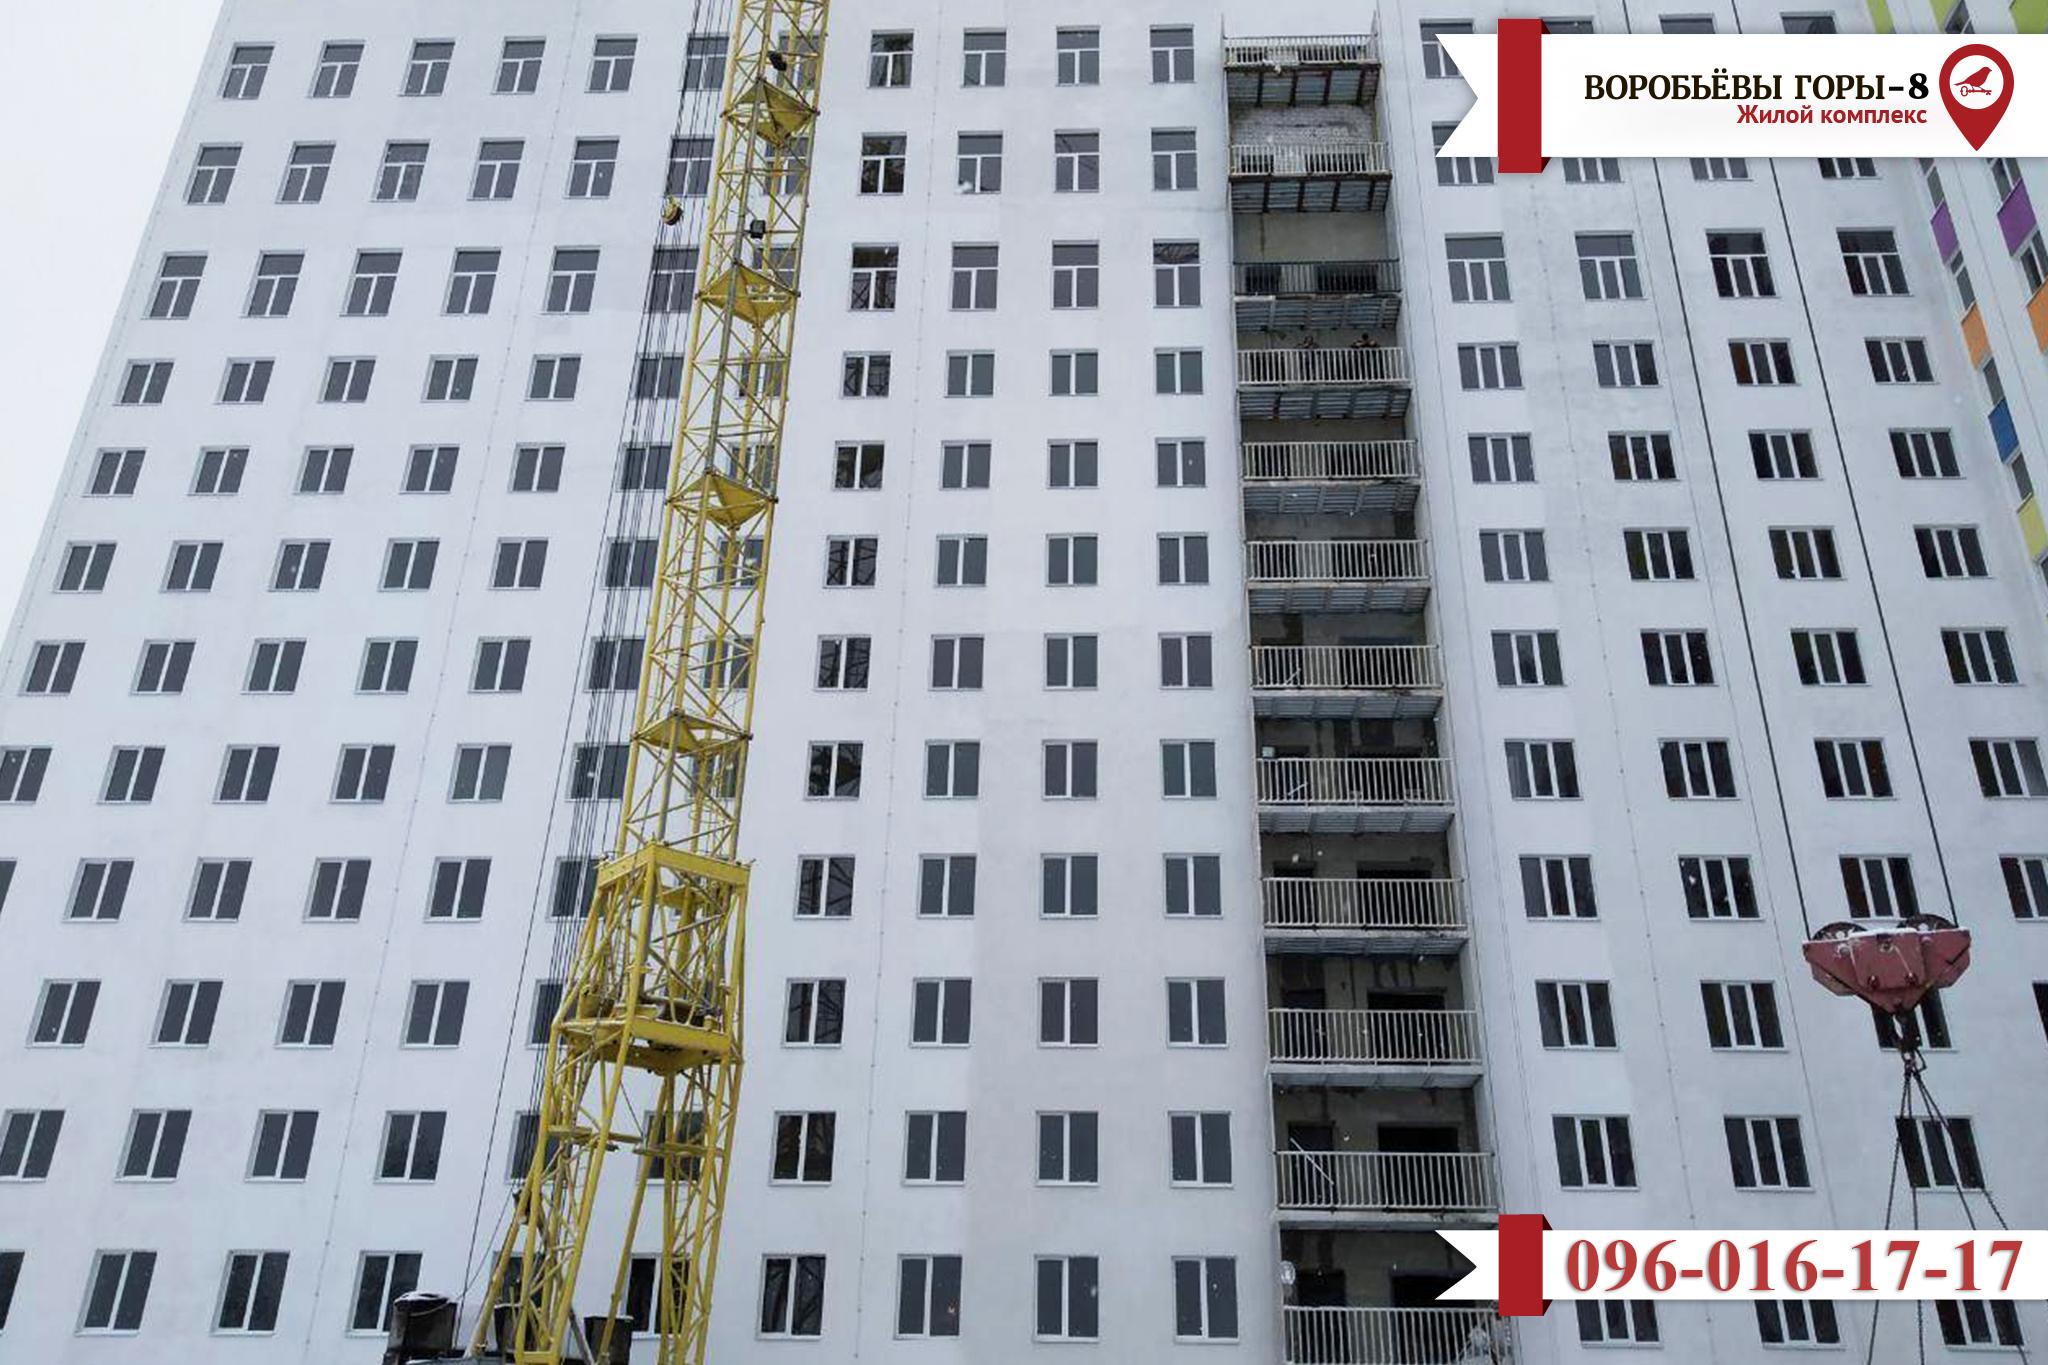 """Как идет строительство ЖК """"Воробьевы горы-8""""?"""